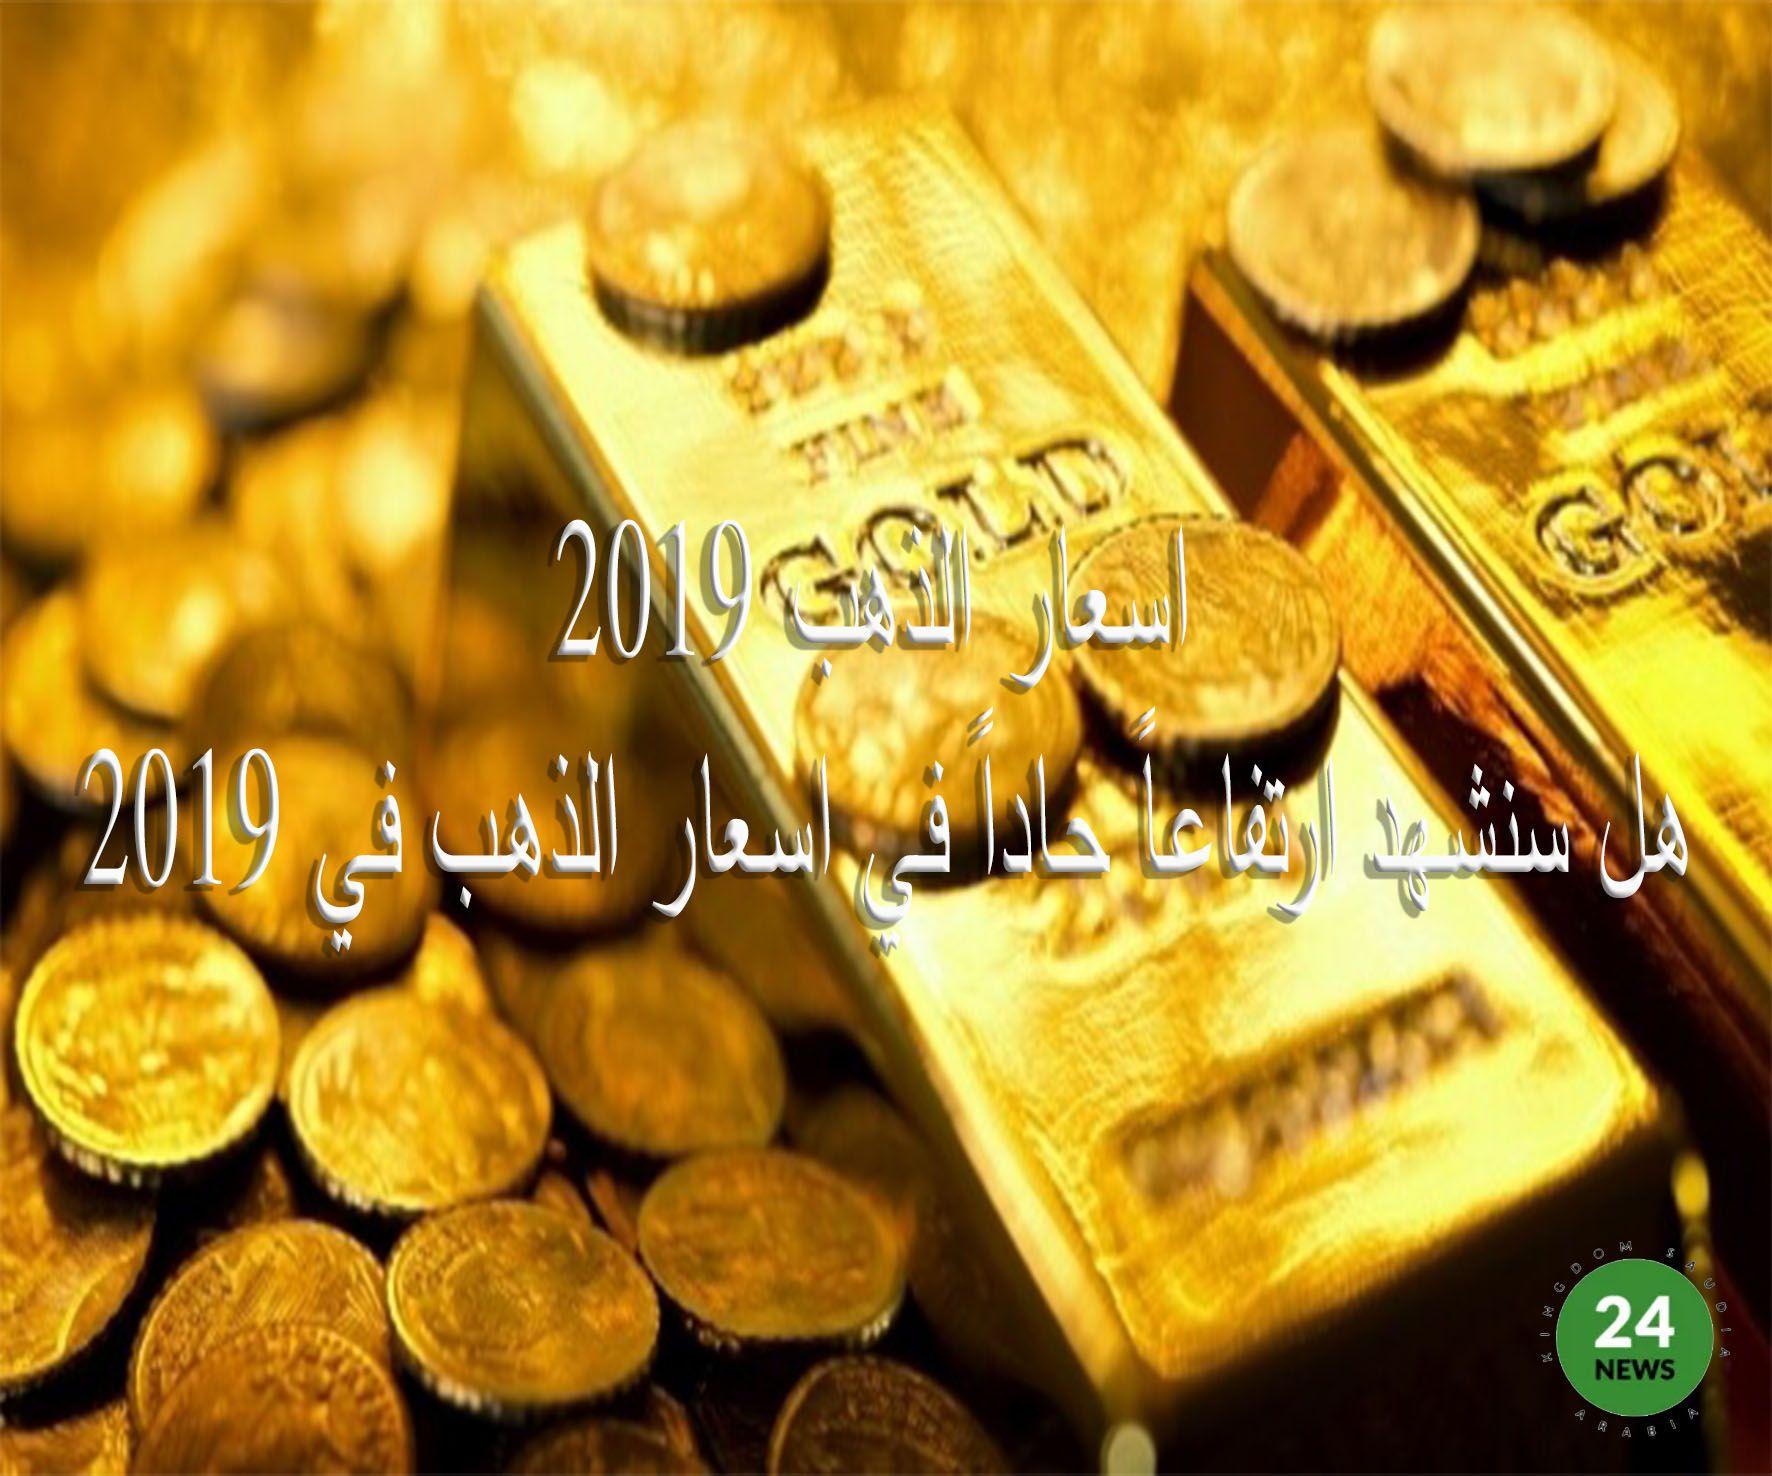 اسعار الذهب 2019 هل سنشهد ارتفاعا حادا في اسعار الذهب في 2019 Trading Forex